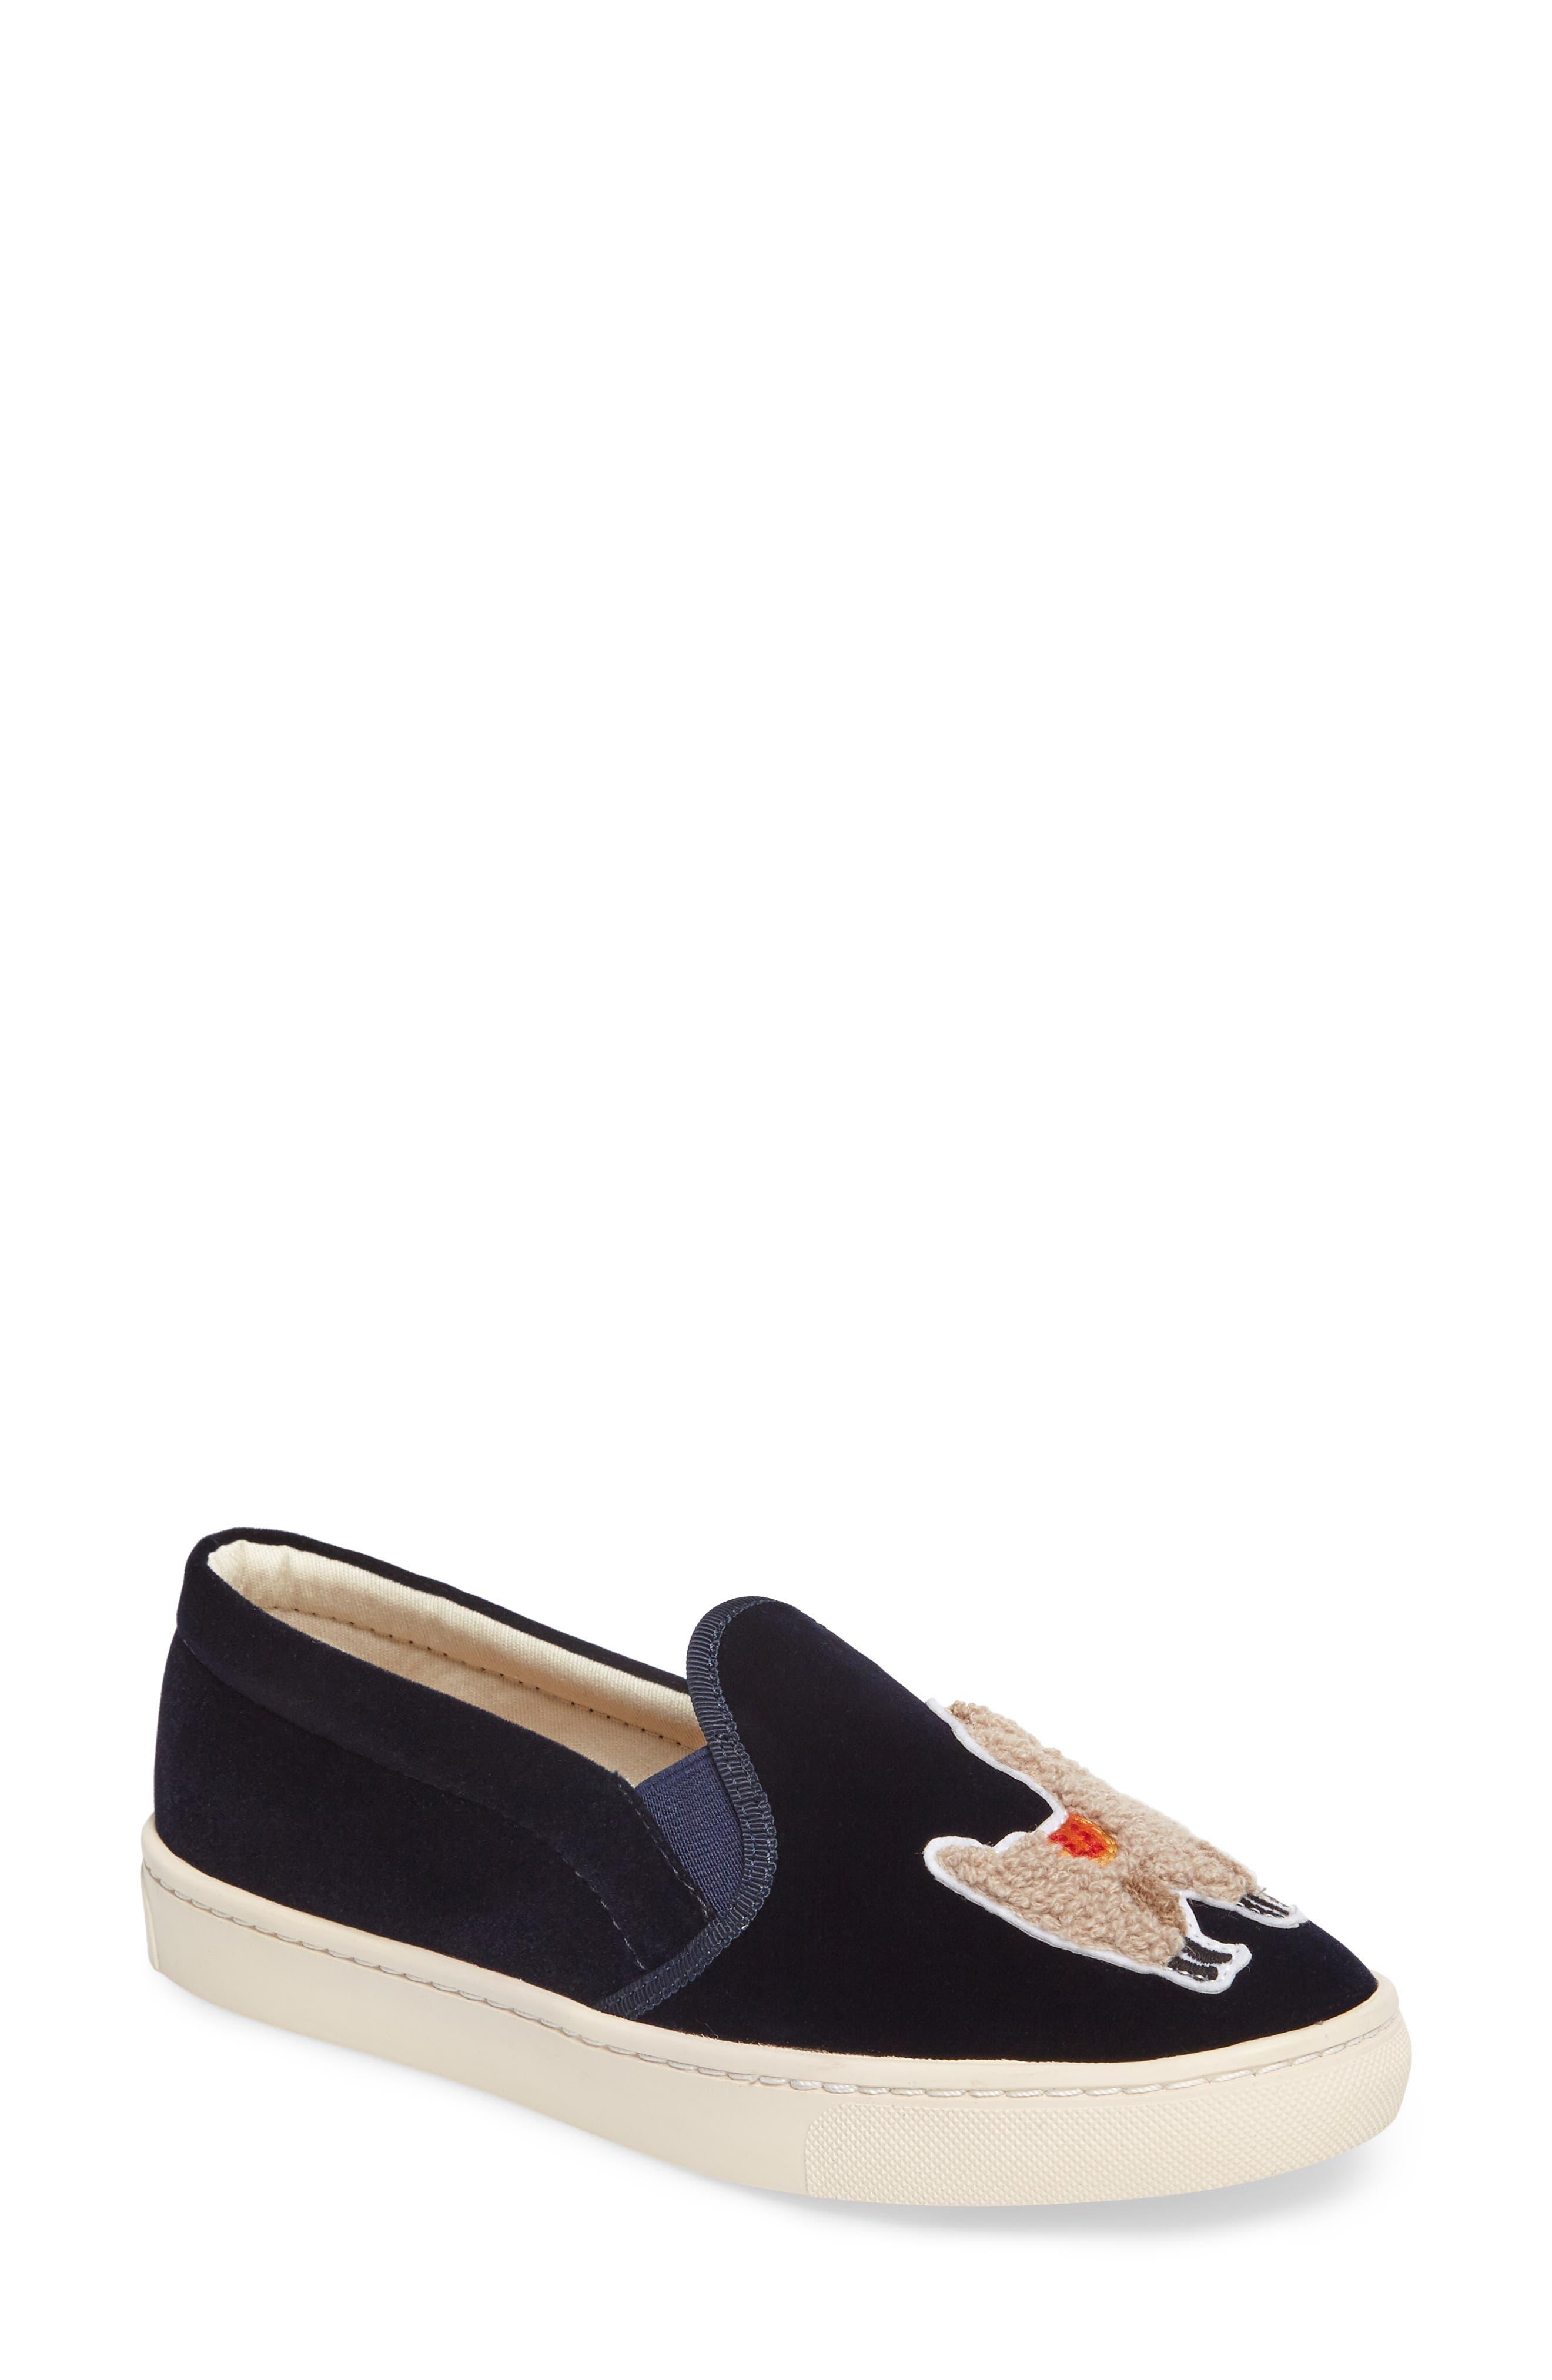 Soludos Velvet Sneaker (Women)